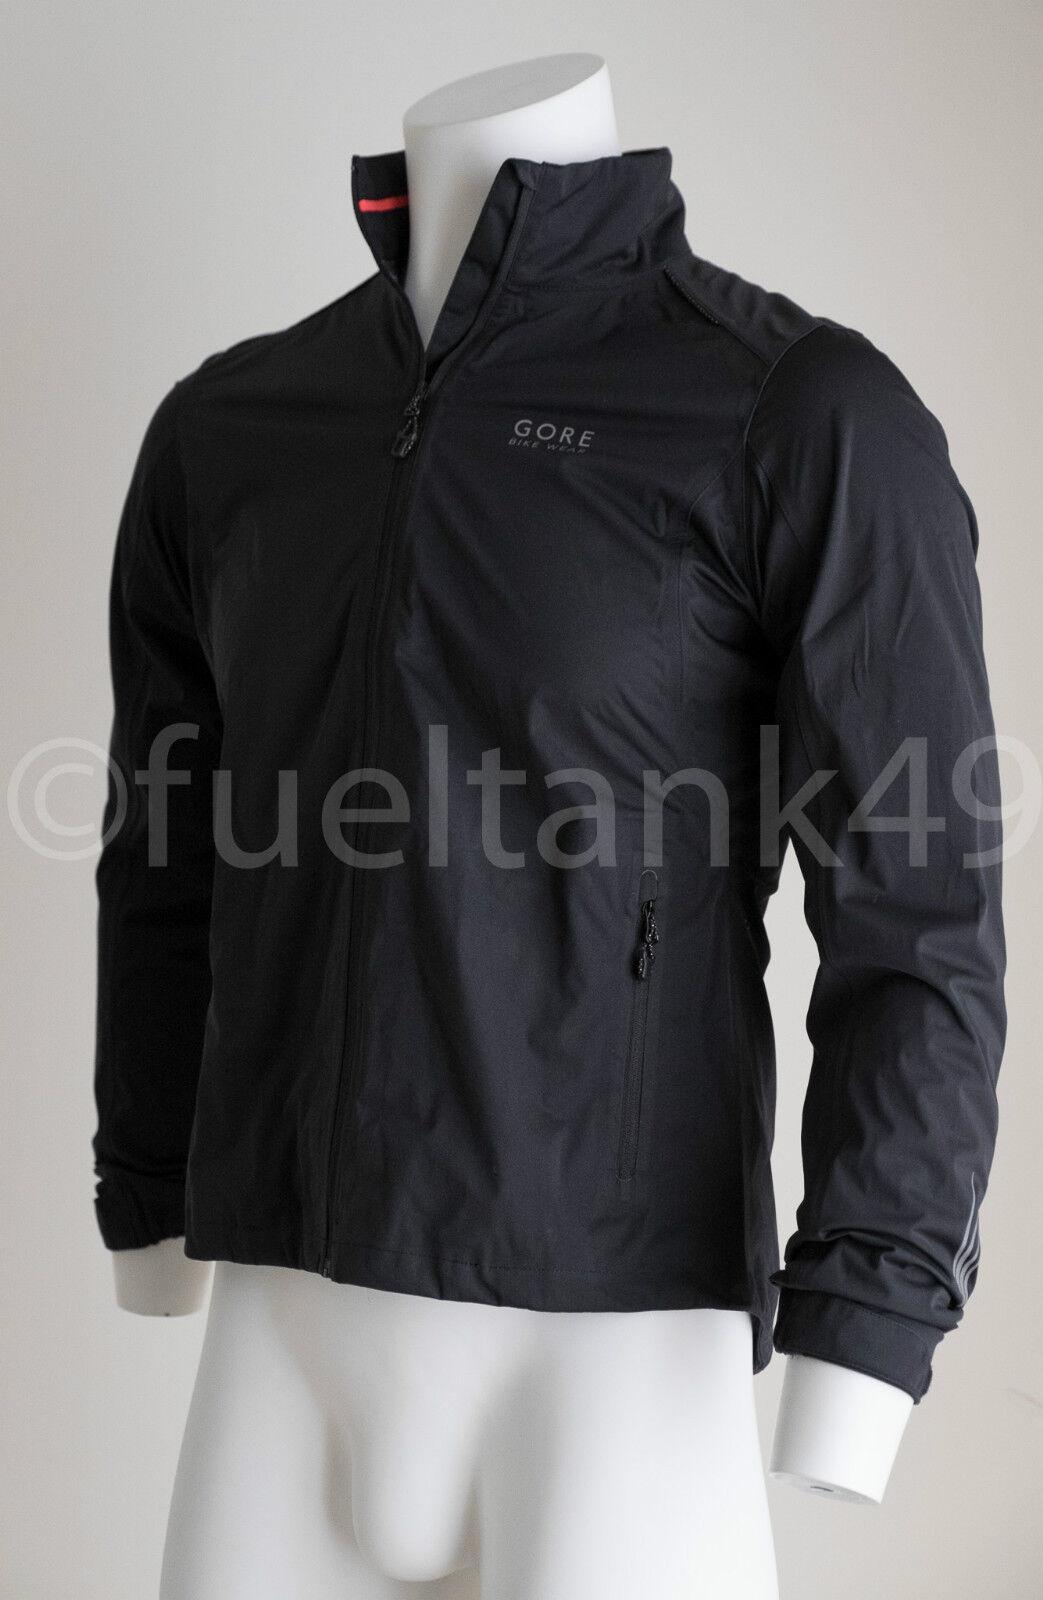 Femme Gore Element Element Element Gt As veste lady-noir taille m 38 33114c